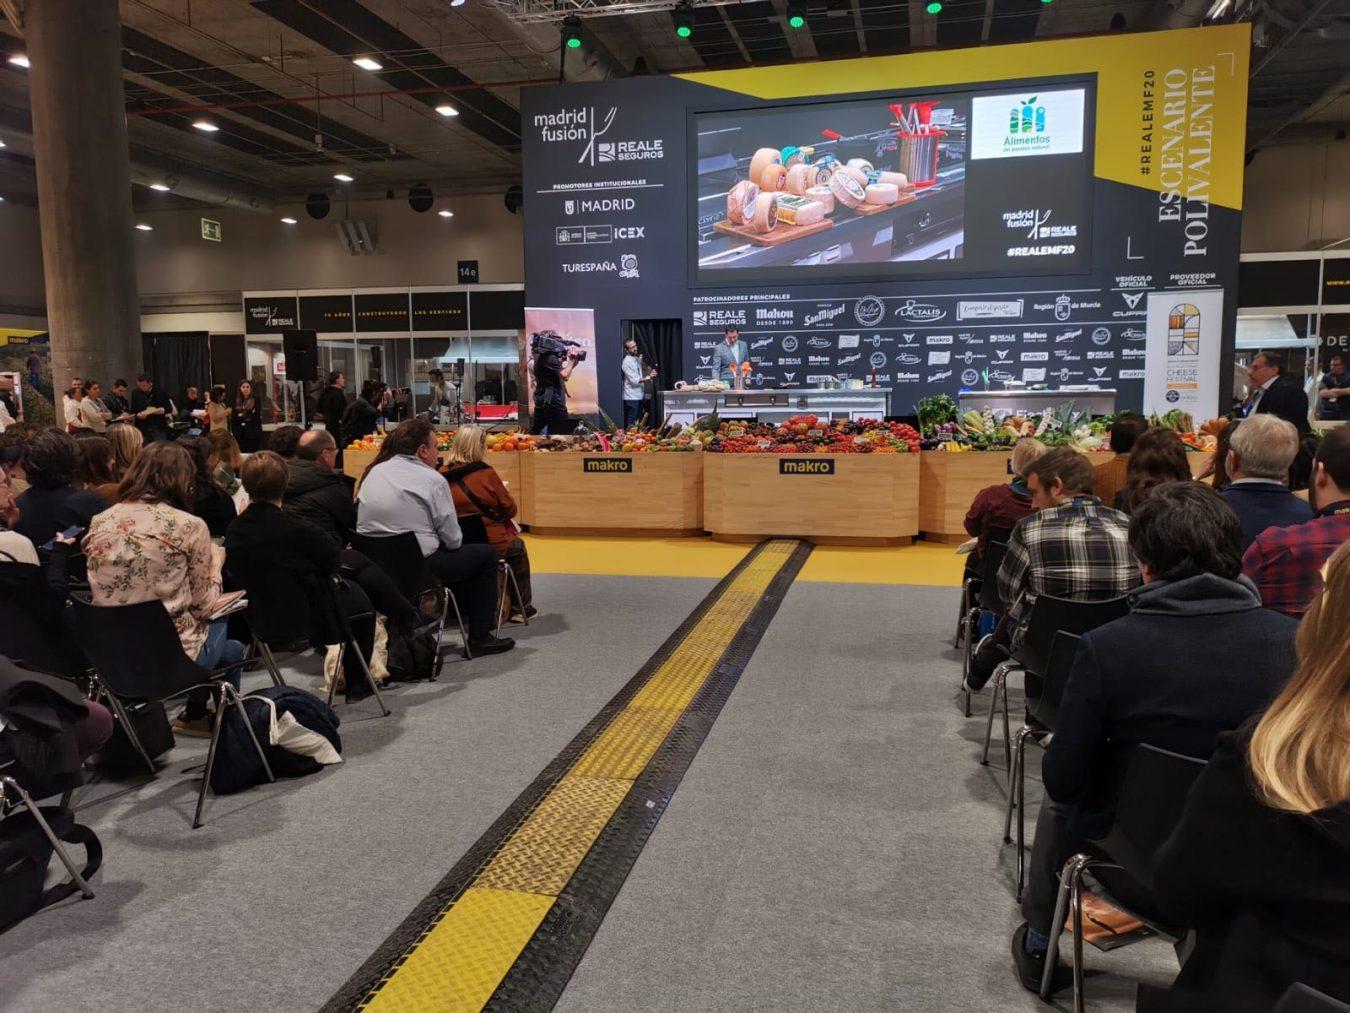 Los quesos del Paraíso Natural interpretados en Madrid Fusión por cuatro cocineros asturianos